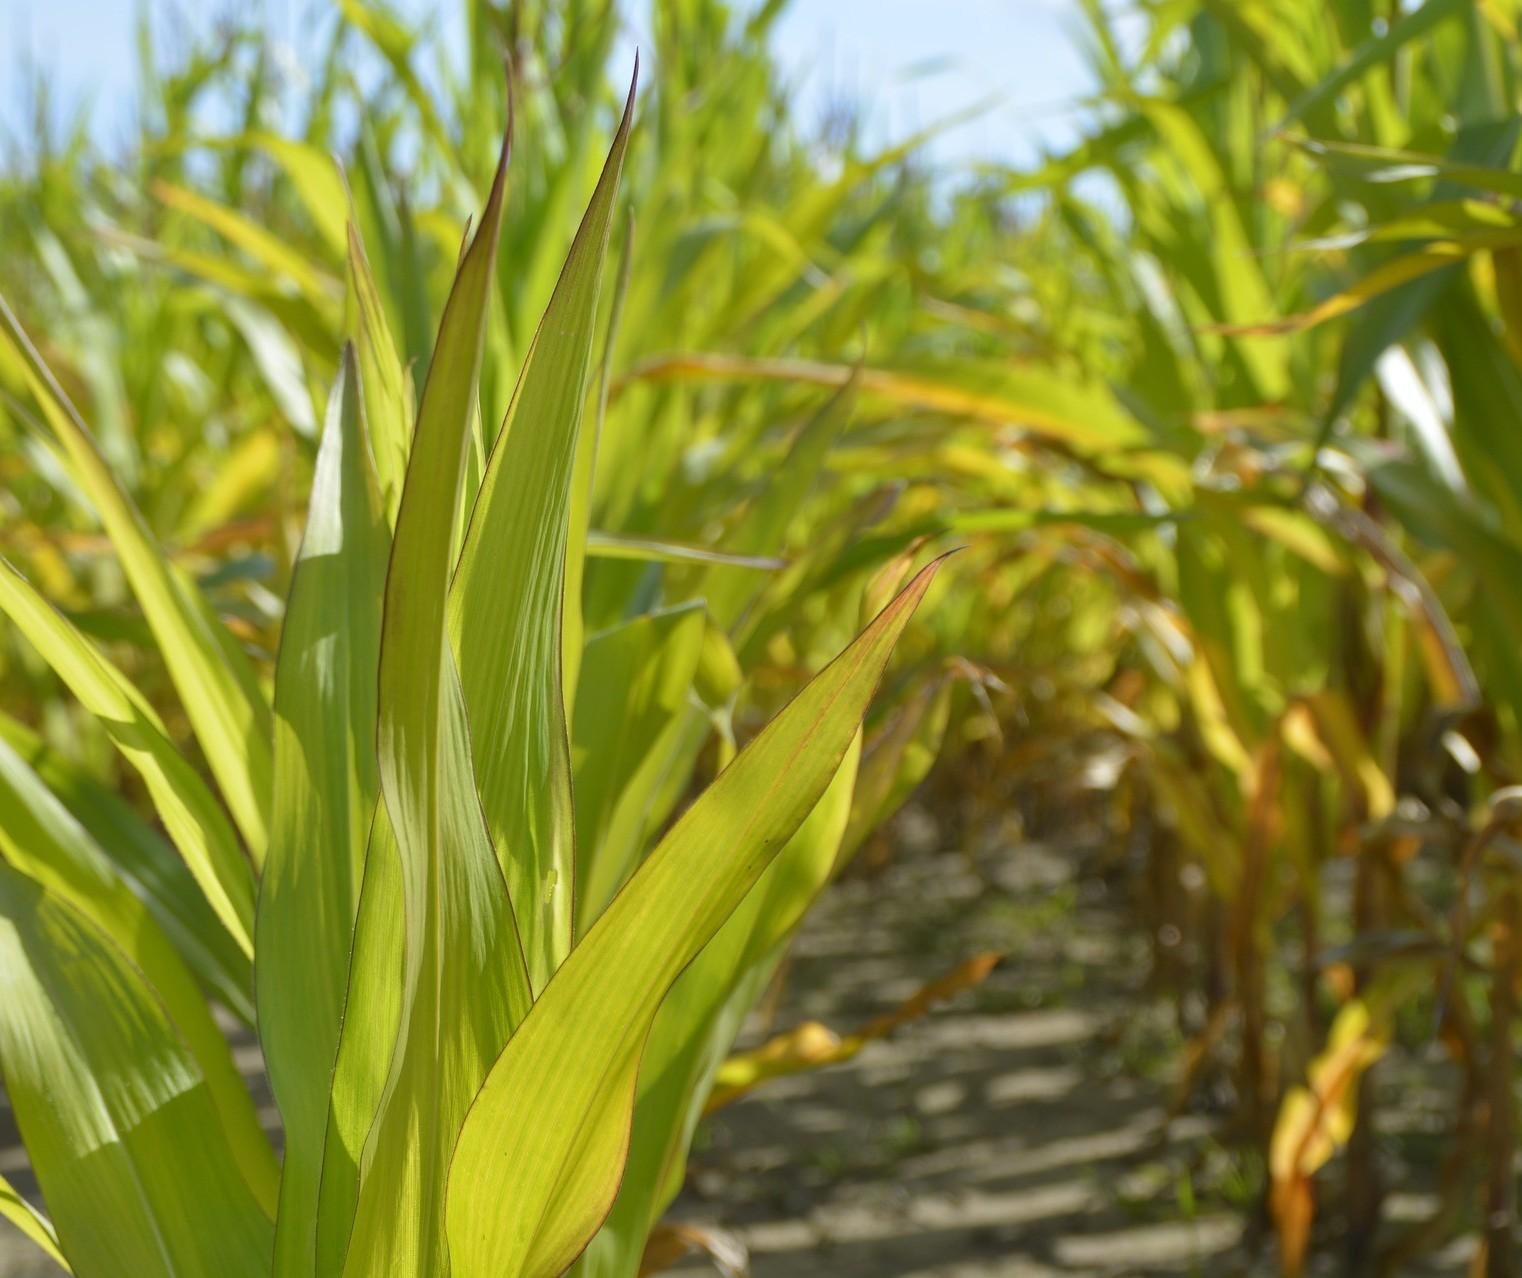 Desempenho do milho deve superar soja, trigo e arroz, diz consultoria